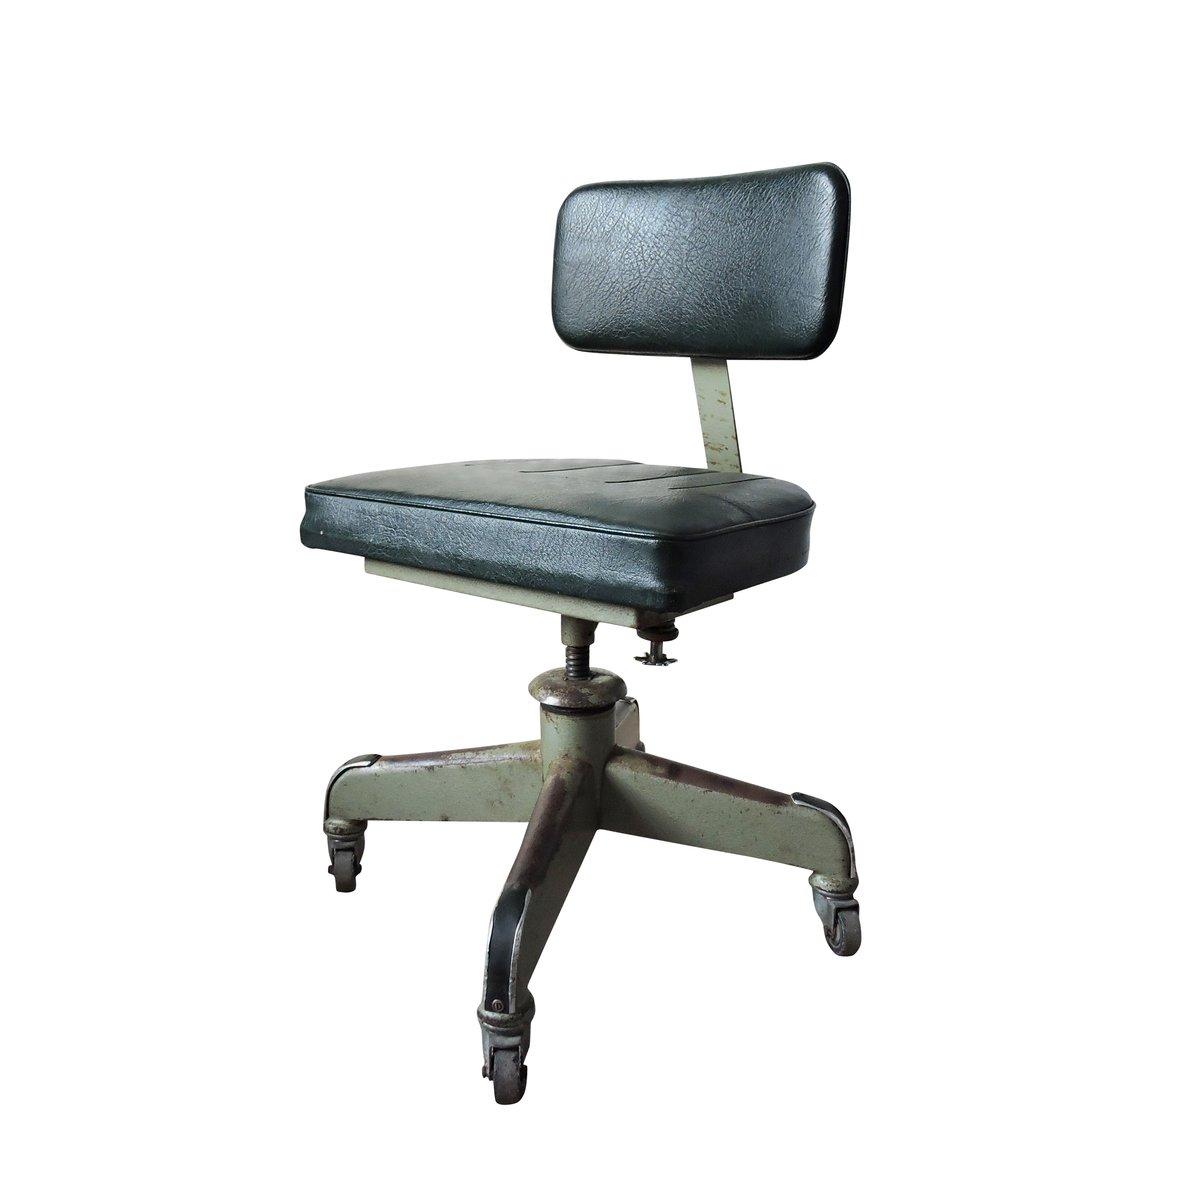 verstellbarer vintage leder schreibtischstuhl bei pamono kaufen. Black Bedroom Furniture Sets. Home Design Ideas